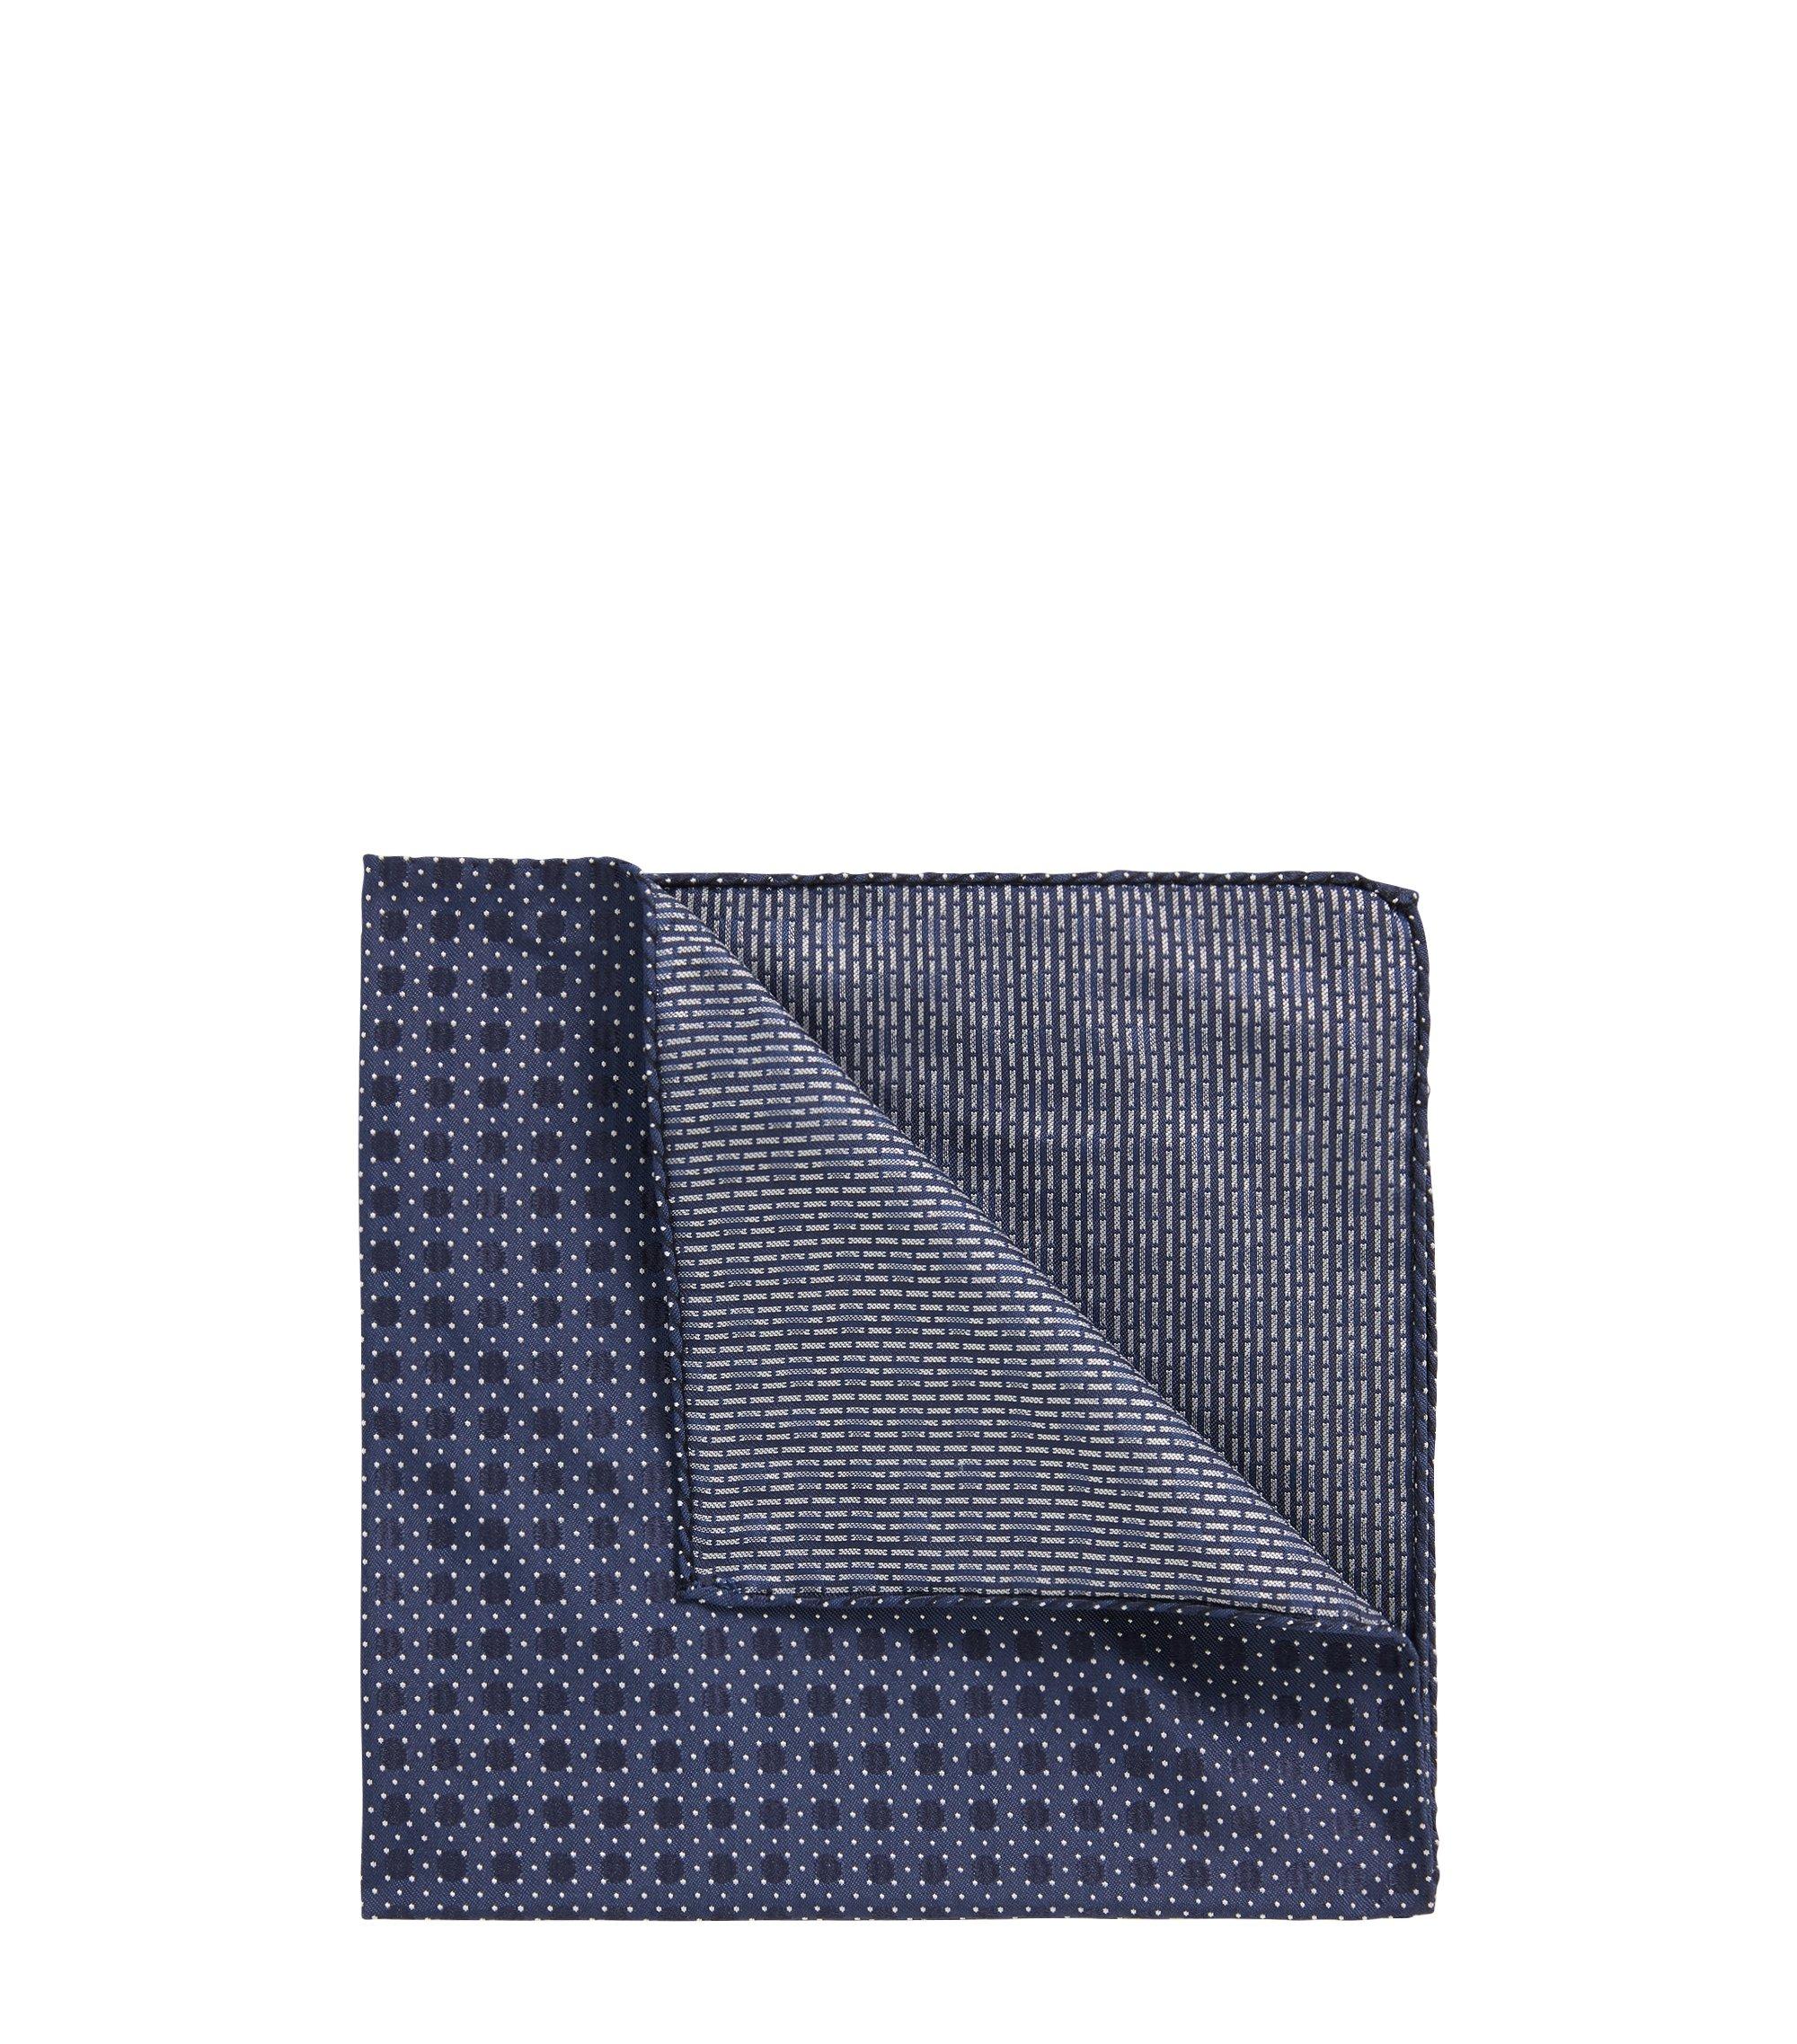 Pochette en jacquard de soie à motif confectionnée en Italie, Bleu